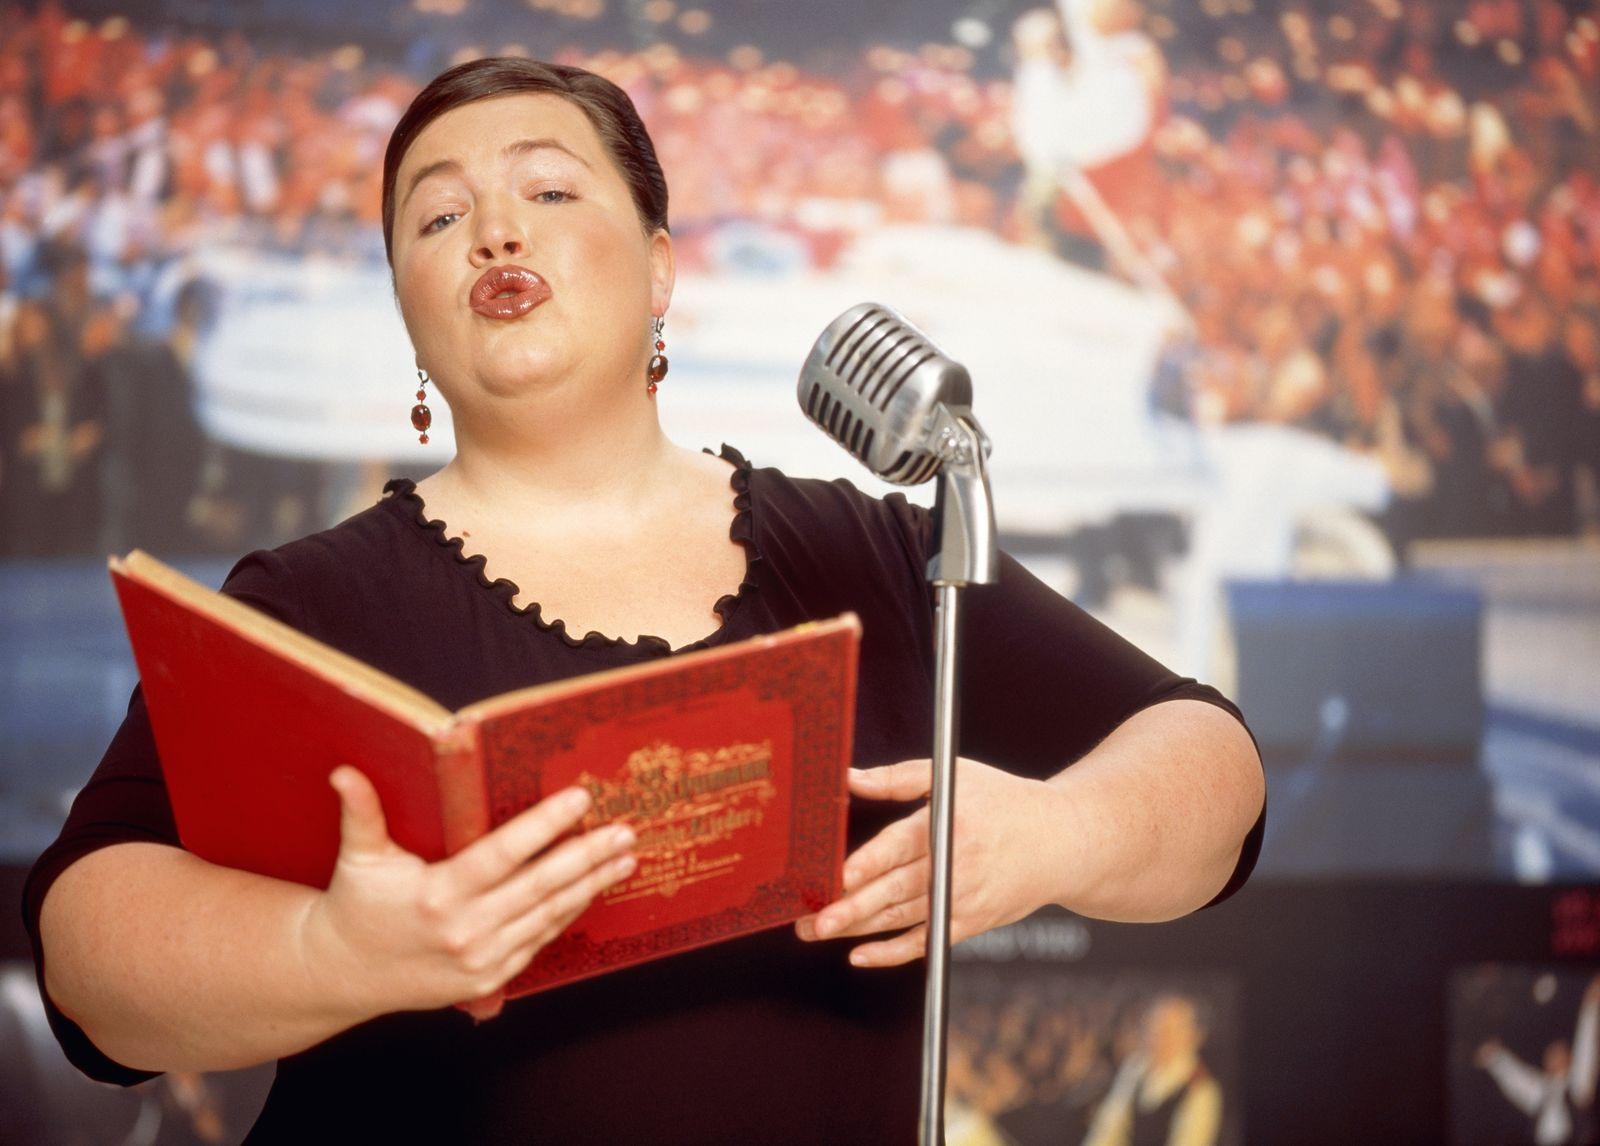 NICHT MEHR VERWENDEN! - Weibliche Opernsängerin